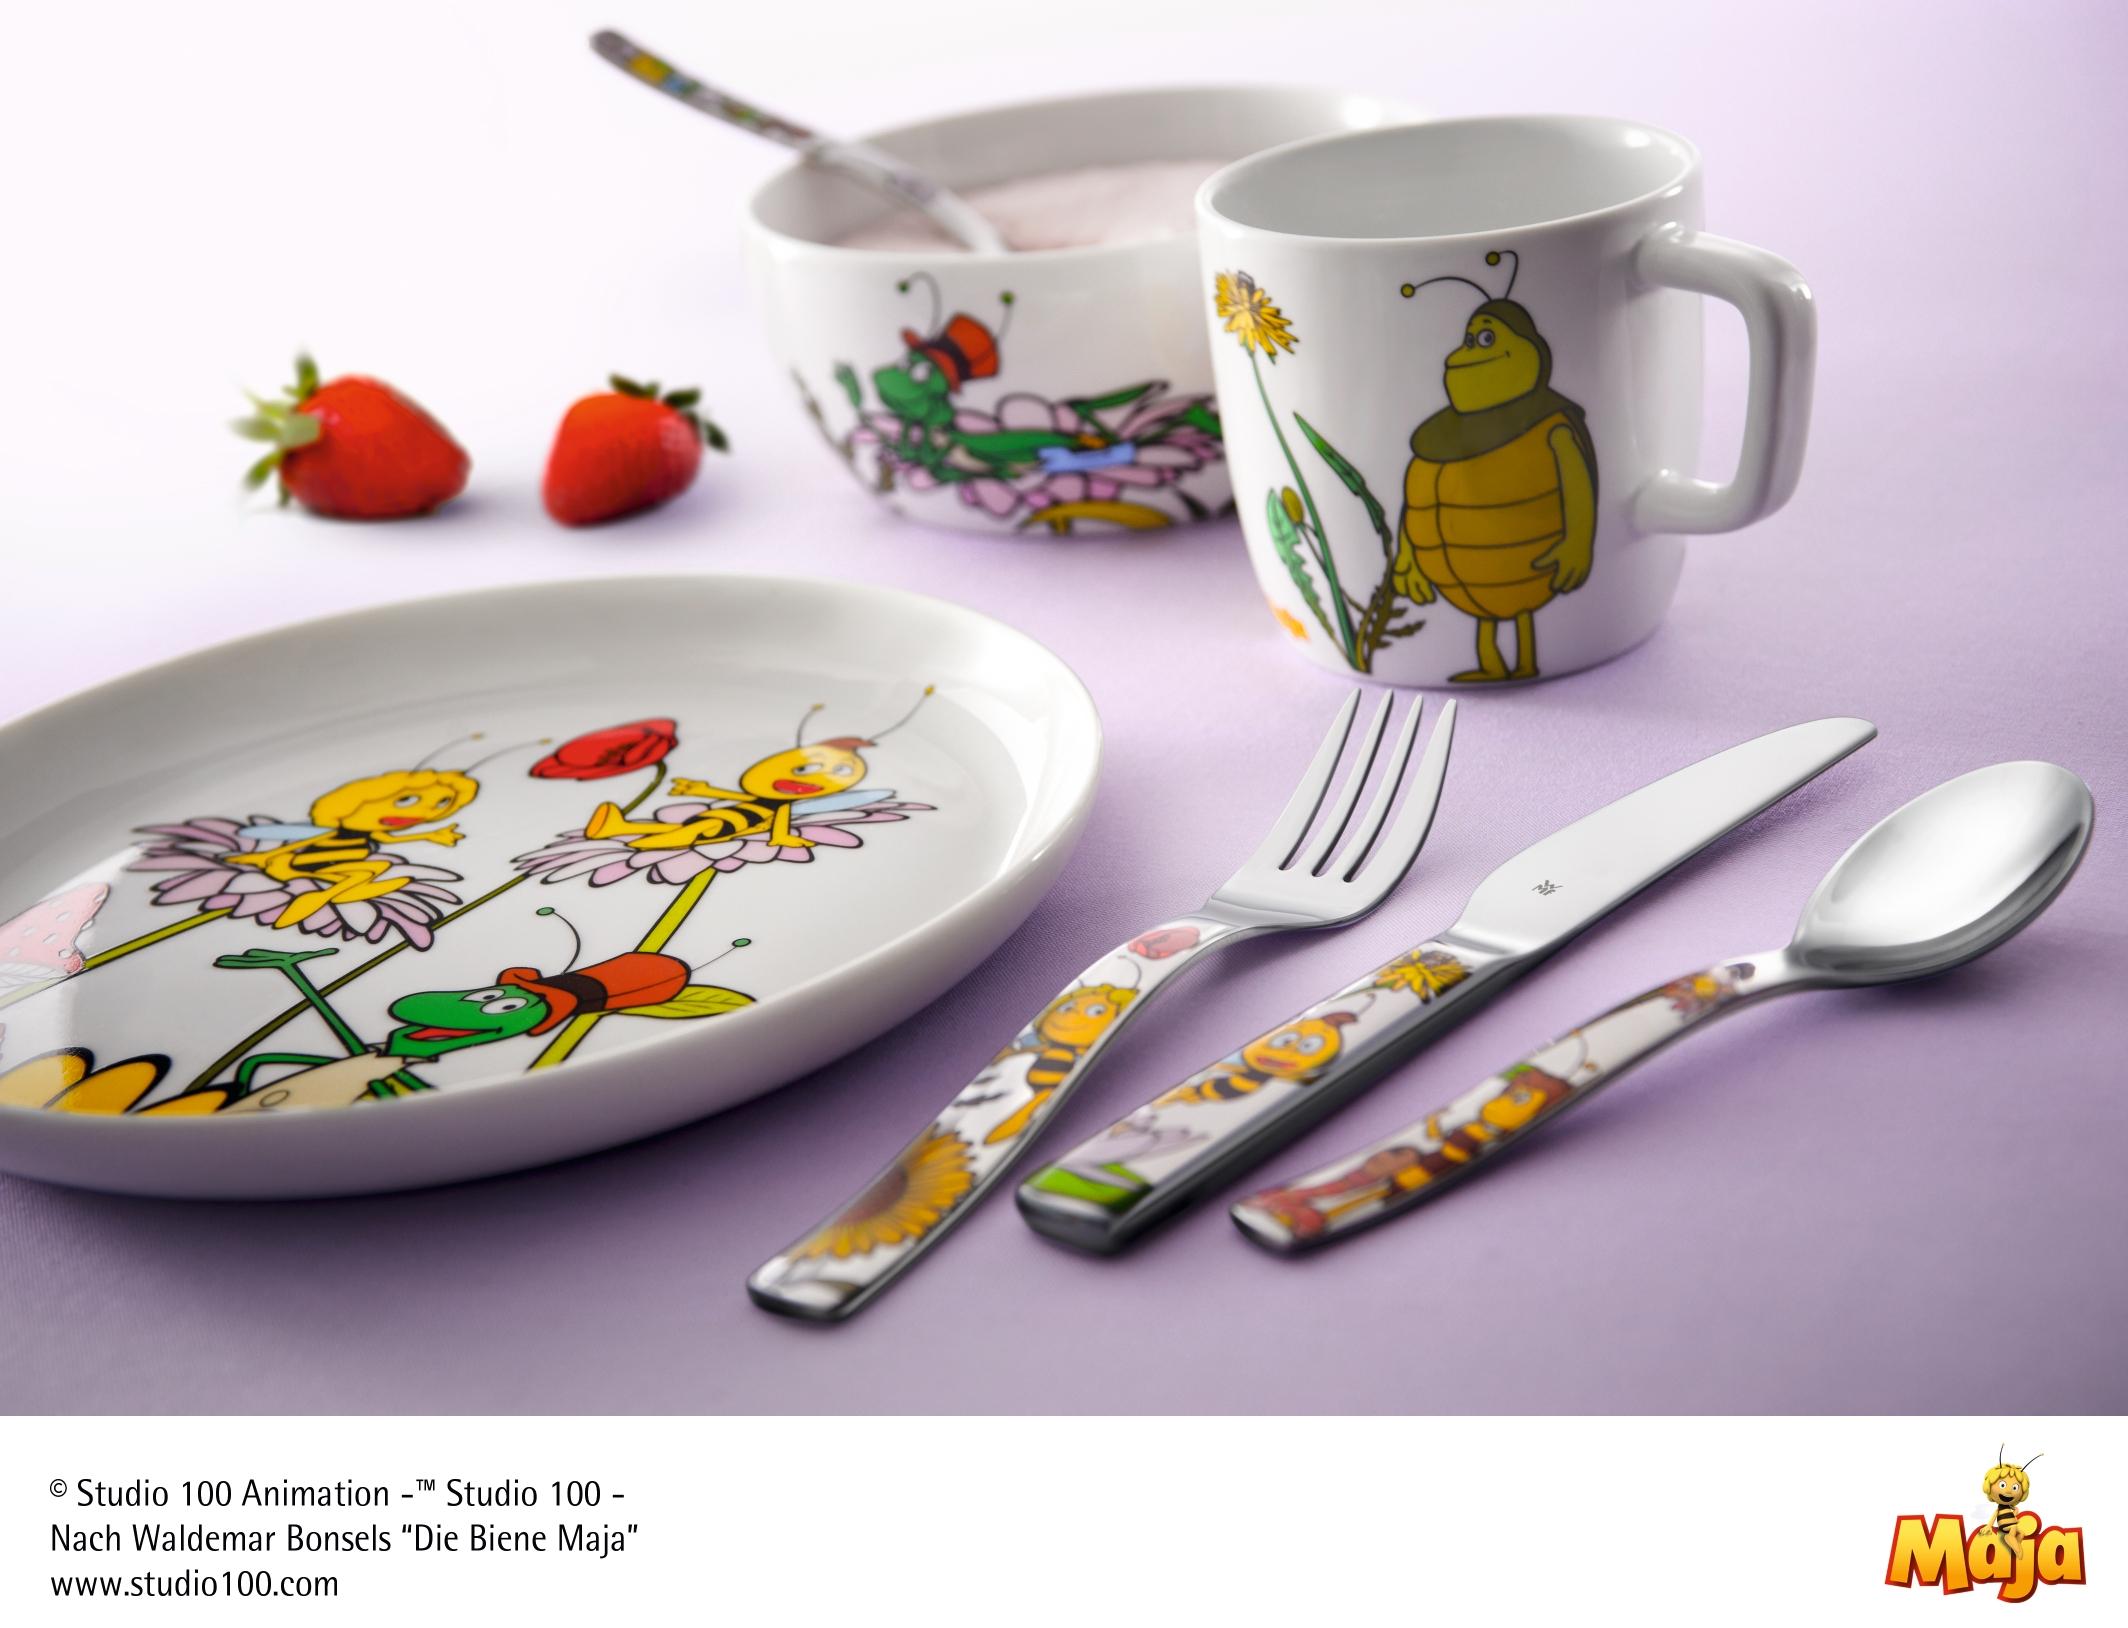 WMF Çocuklar için Yemek Seti: Çocuklara Uygun Tasarım